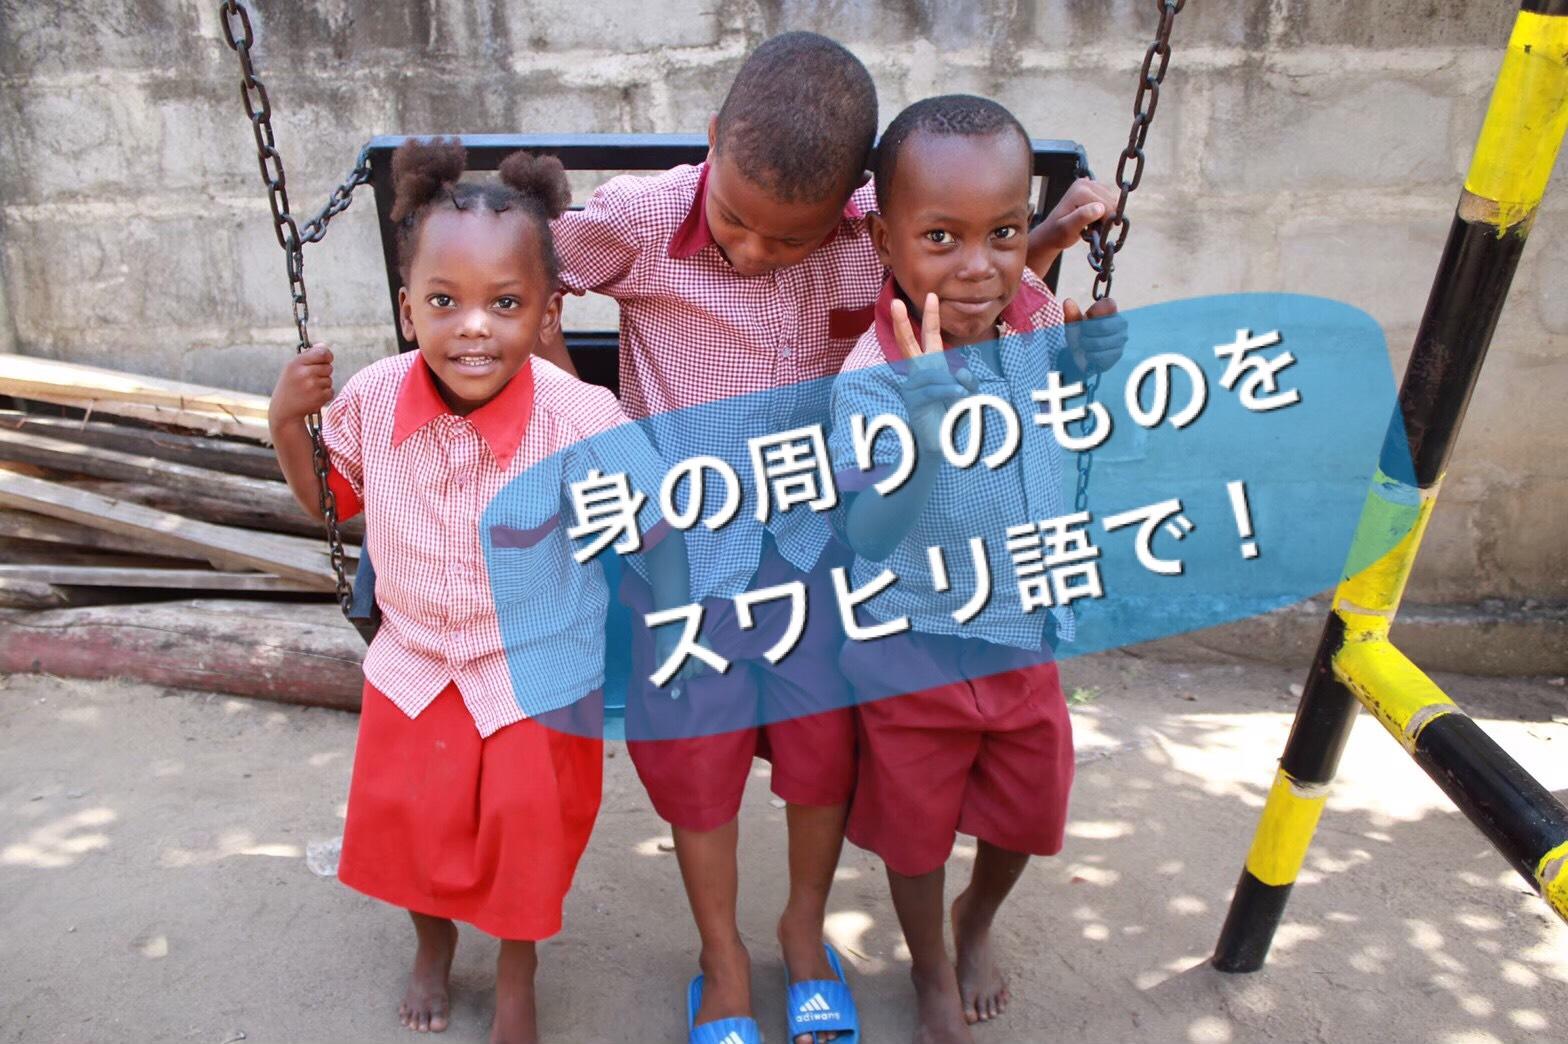 第22回【使える単語集編②もの】身のまわりのアレ、スワヒリ語で何て言うの?